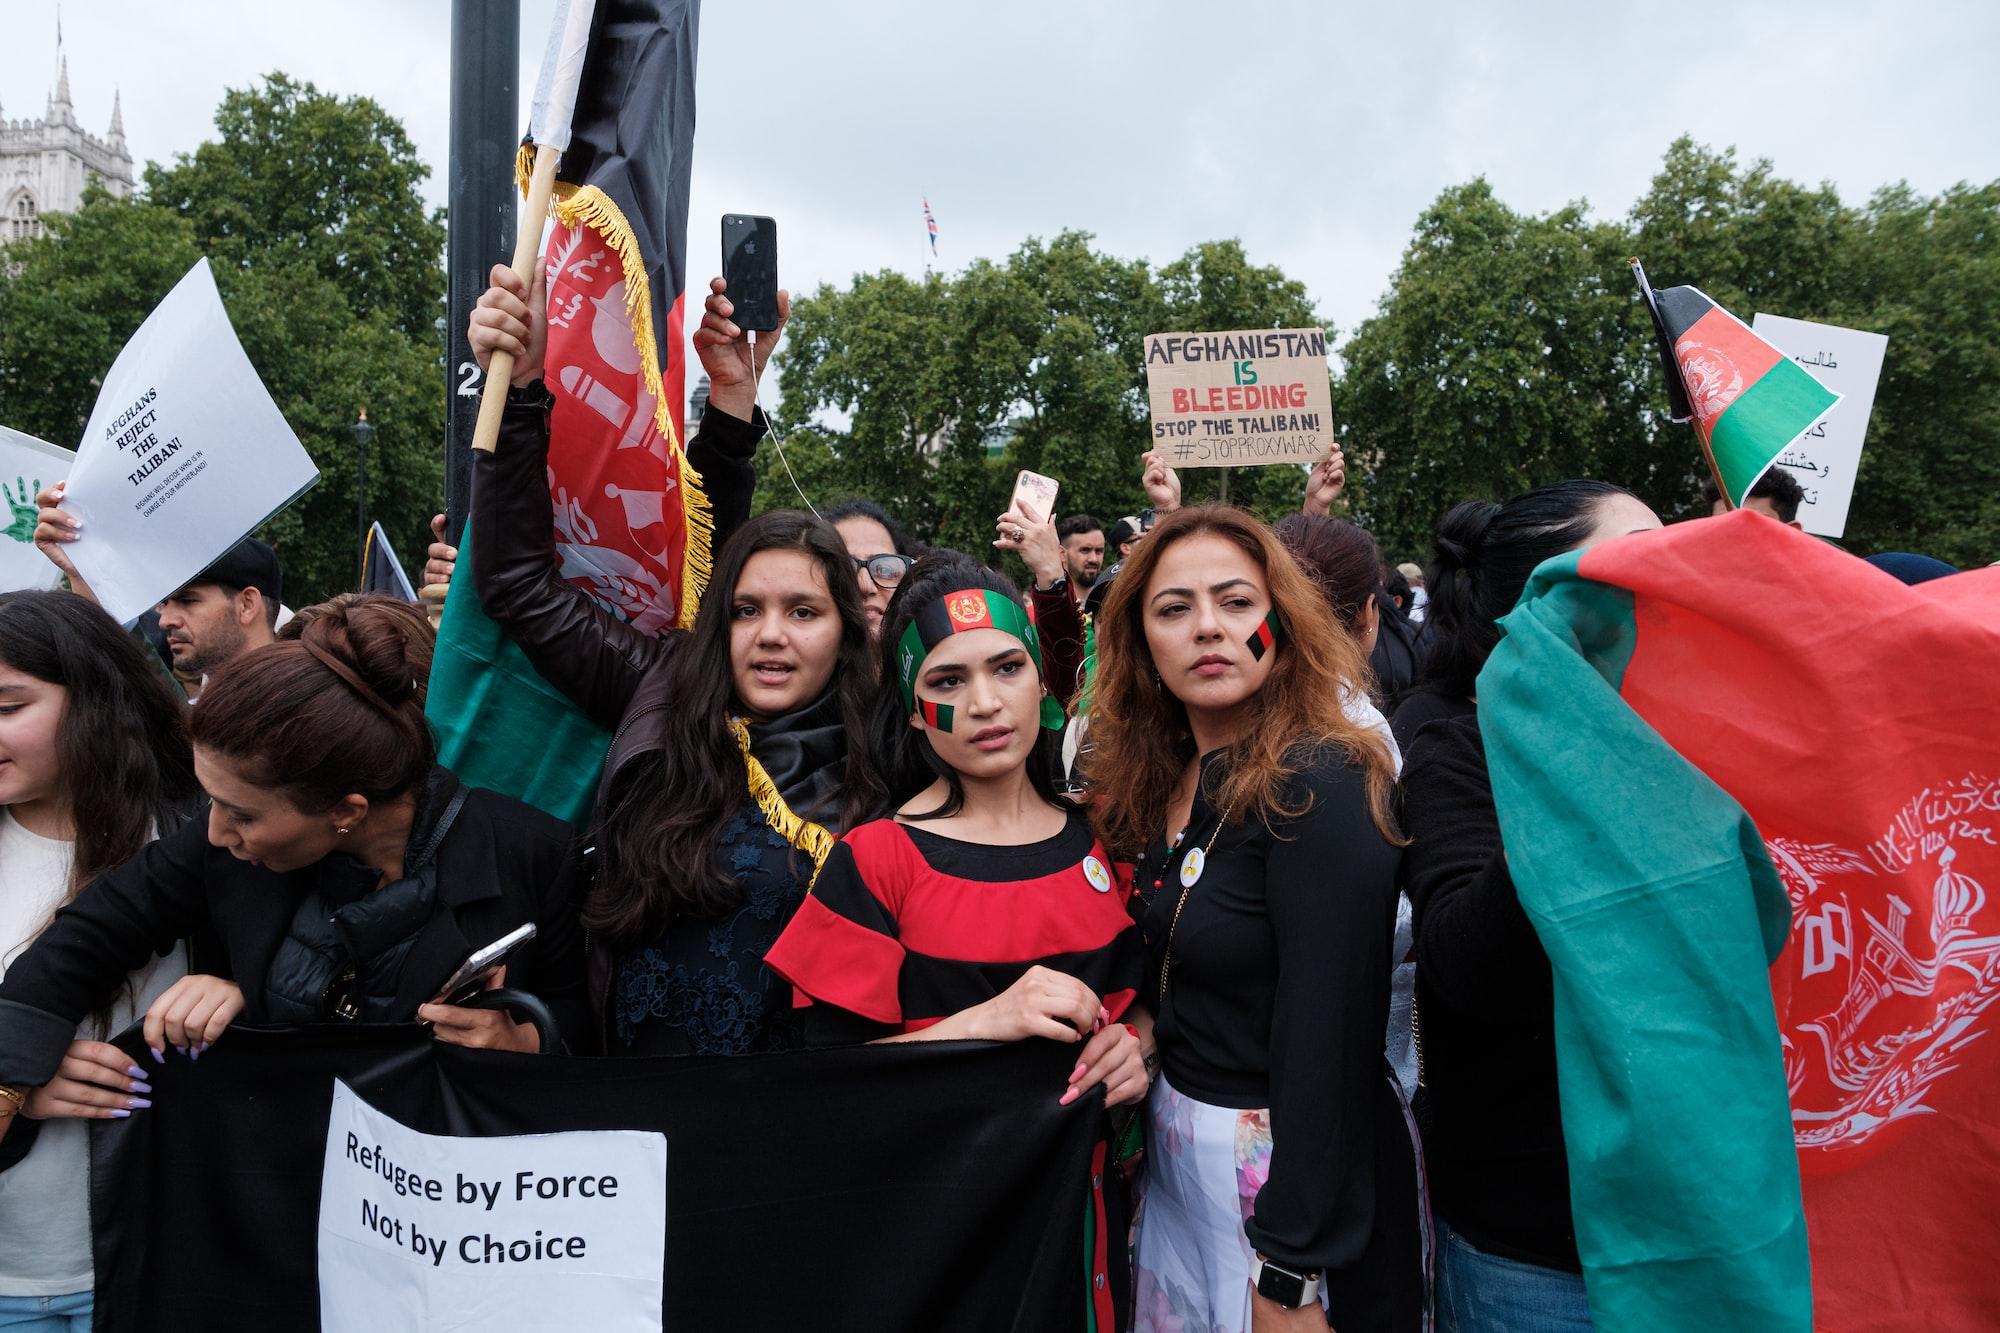 60 हजार अफगानी भारत में 'शरण' लेना चाहते हैं, सरकार कर रही है विचार